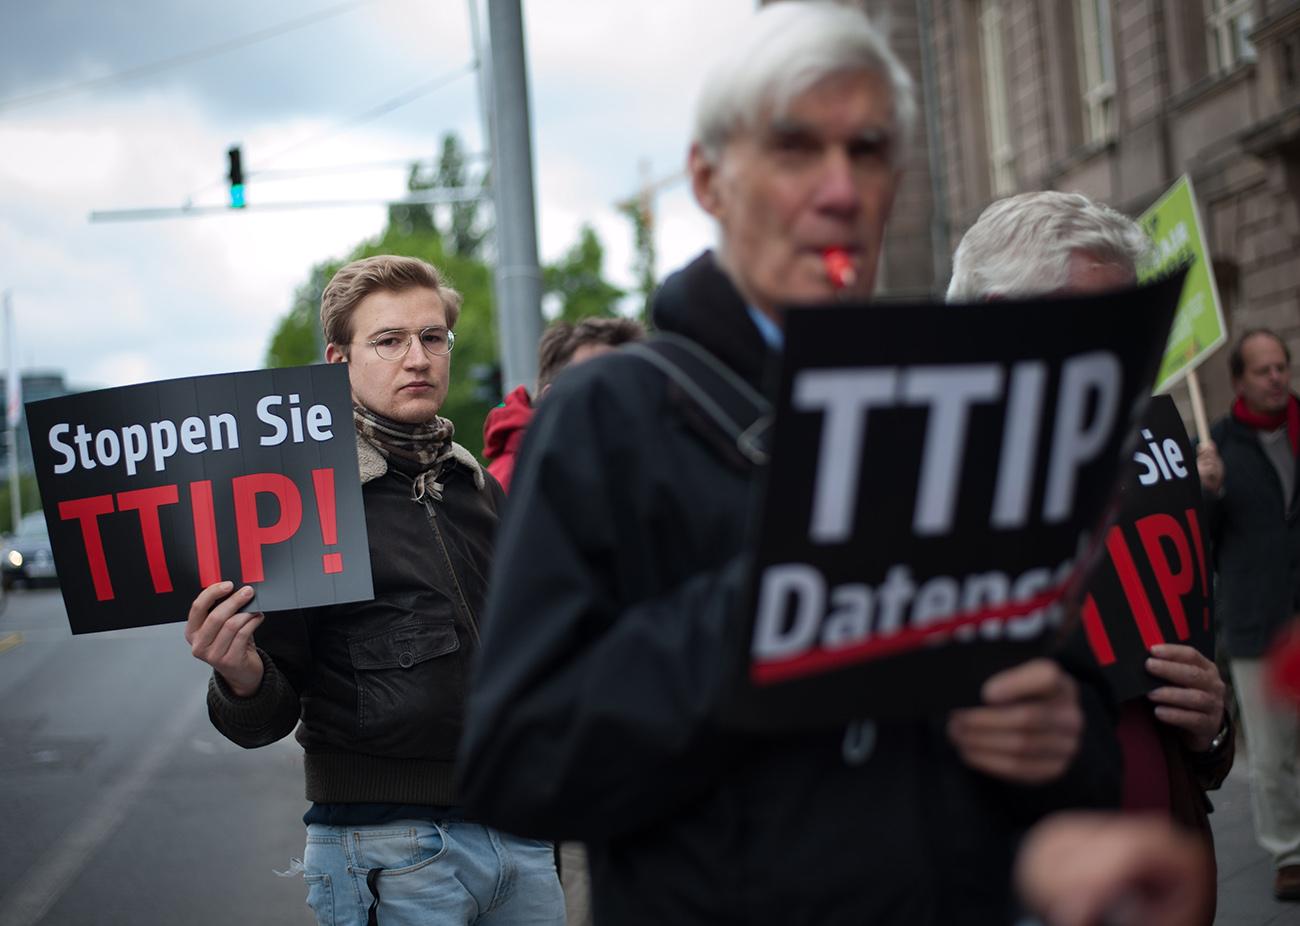 El negocio de las puertas giratorias, enésima cara oculta del TTIP